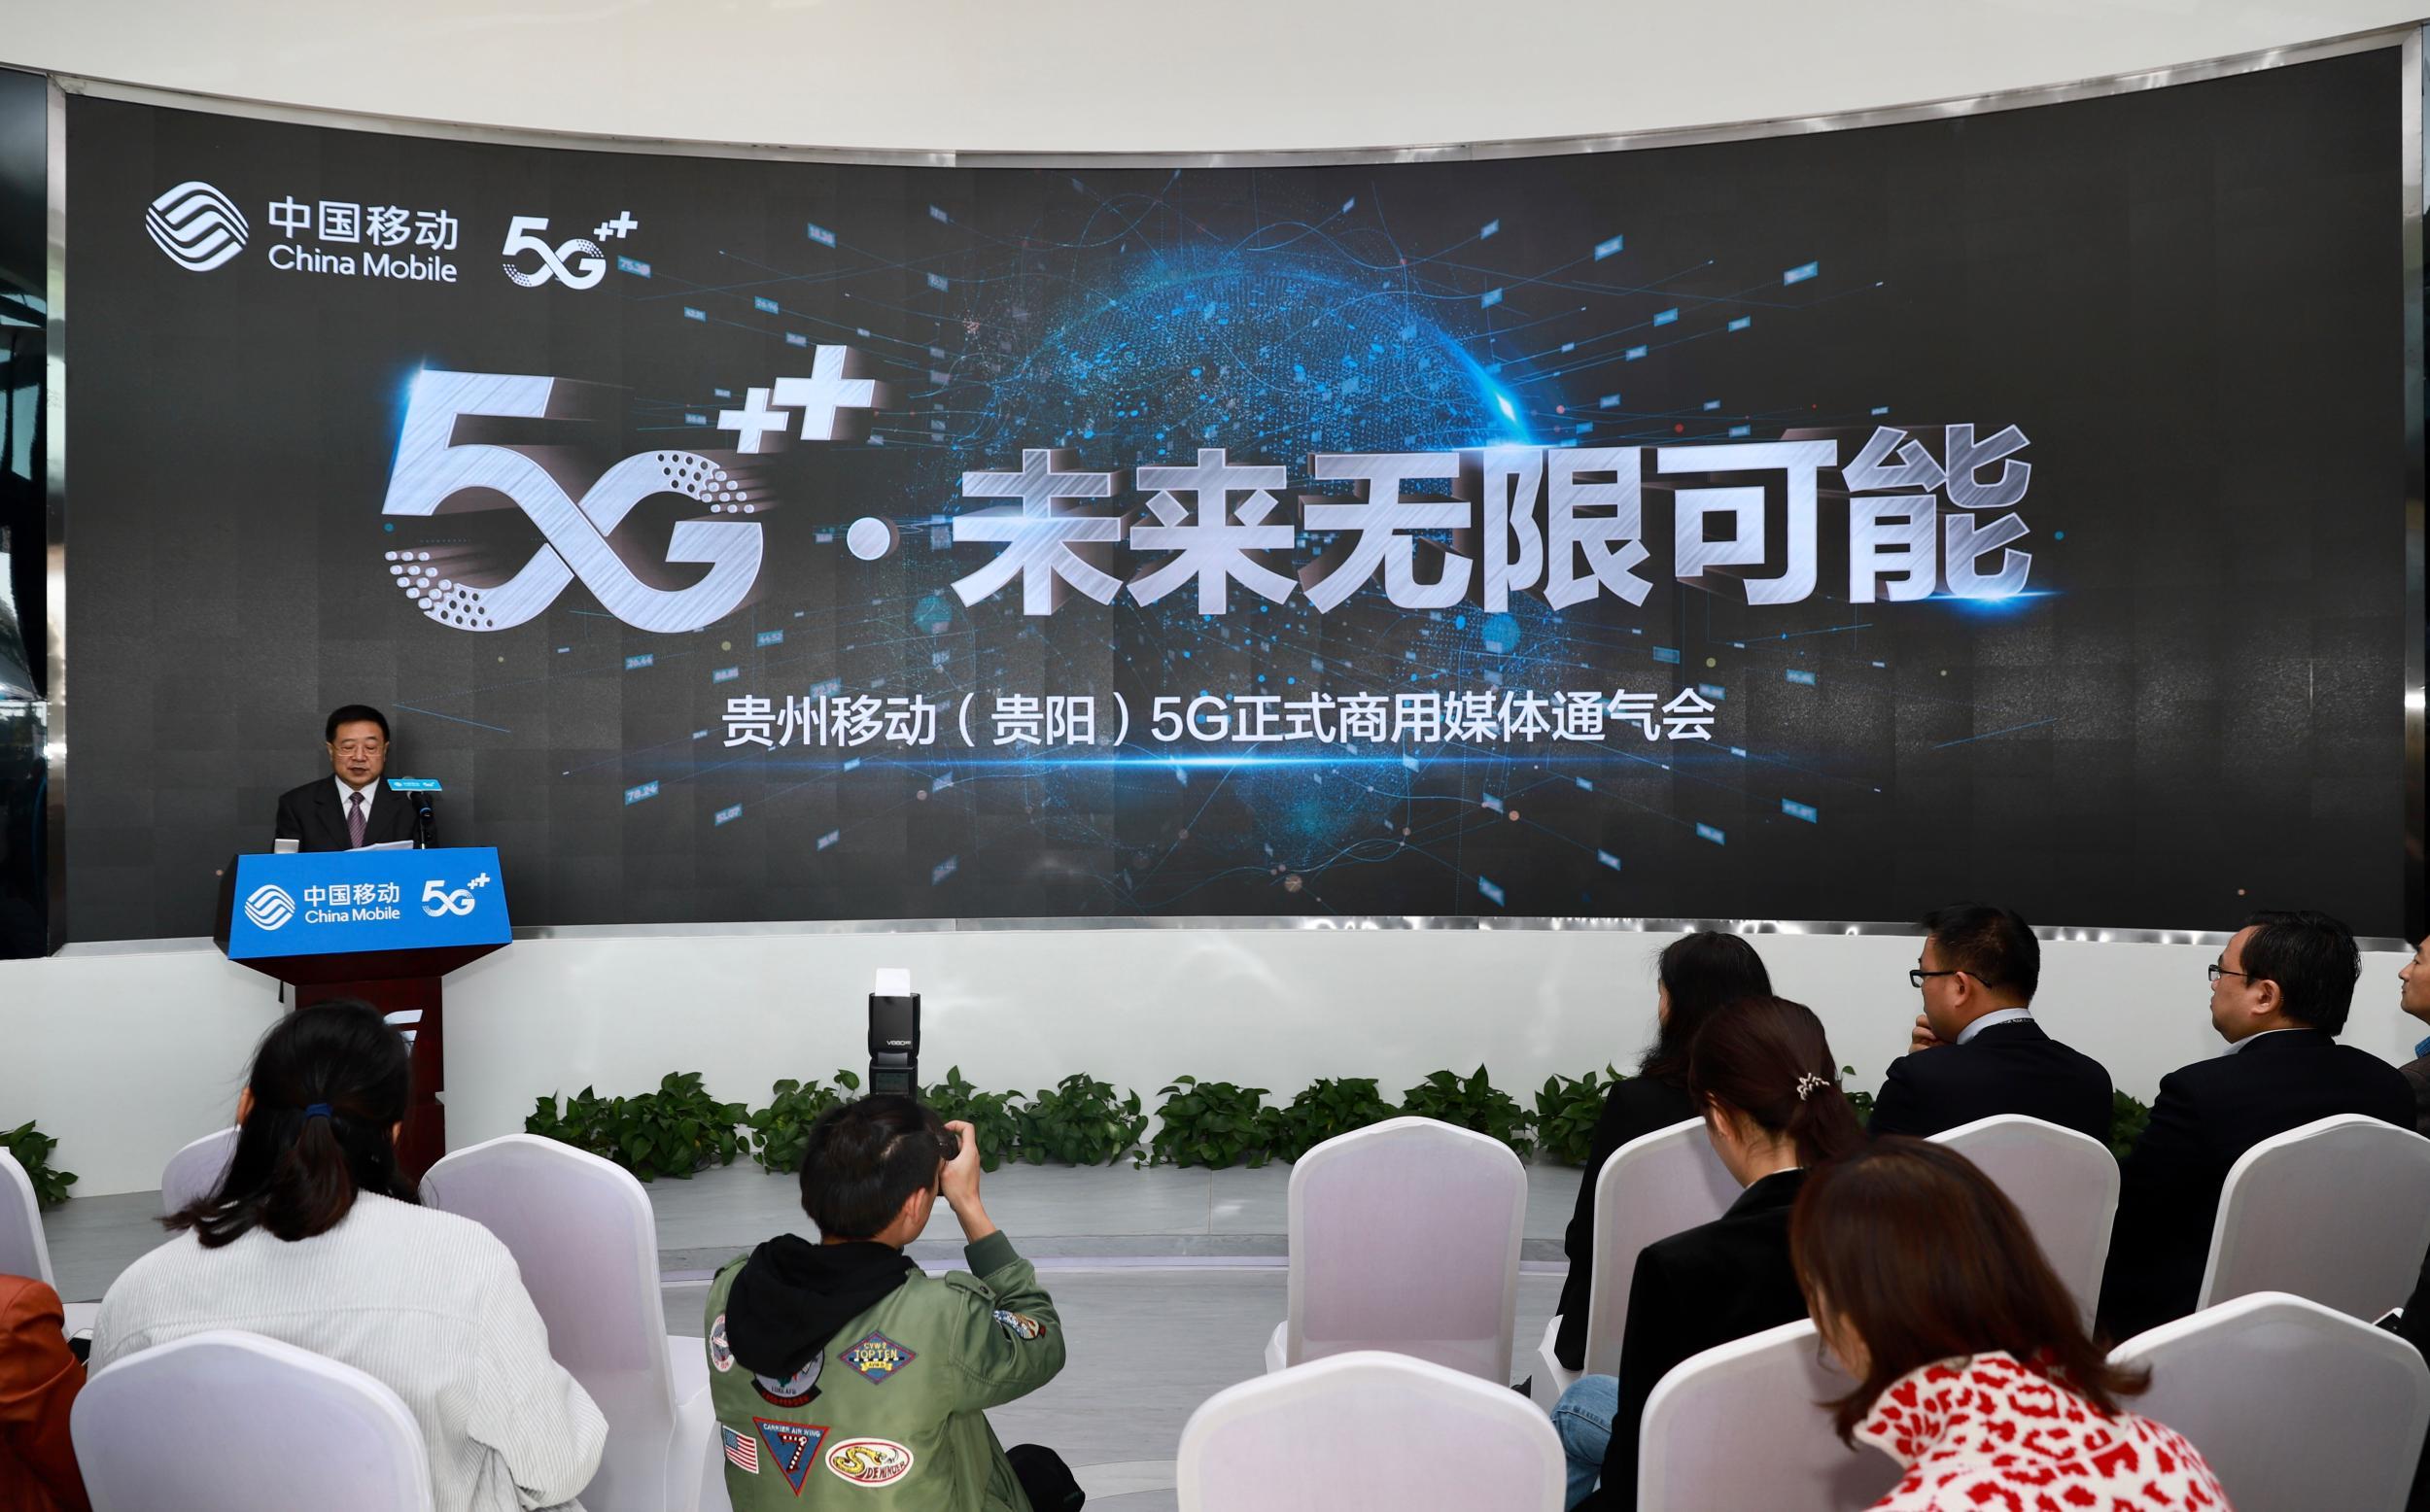 中国移动5G正式商用 贵阳进入5G时代